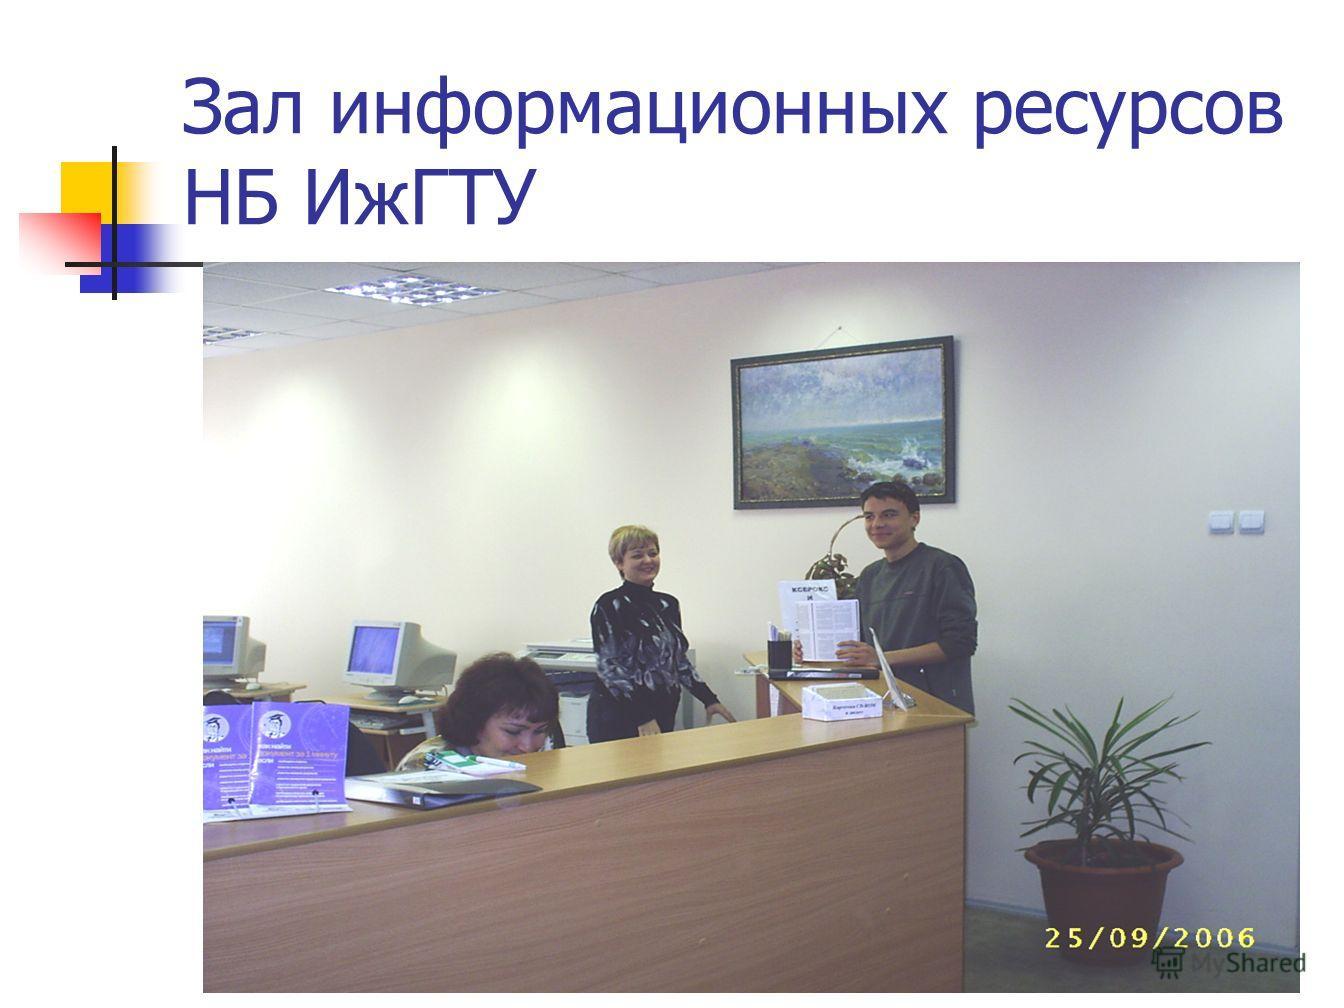 Зал информационных ресурсов НБ ИжГТУ